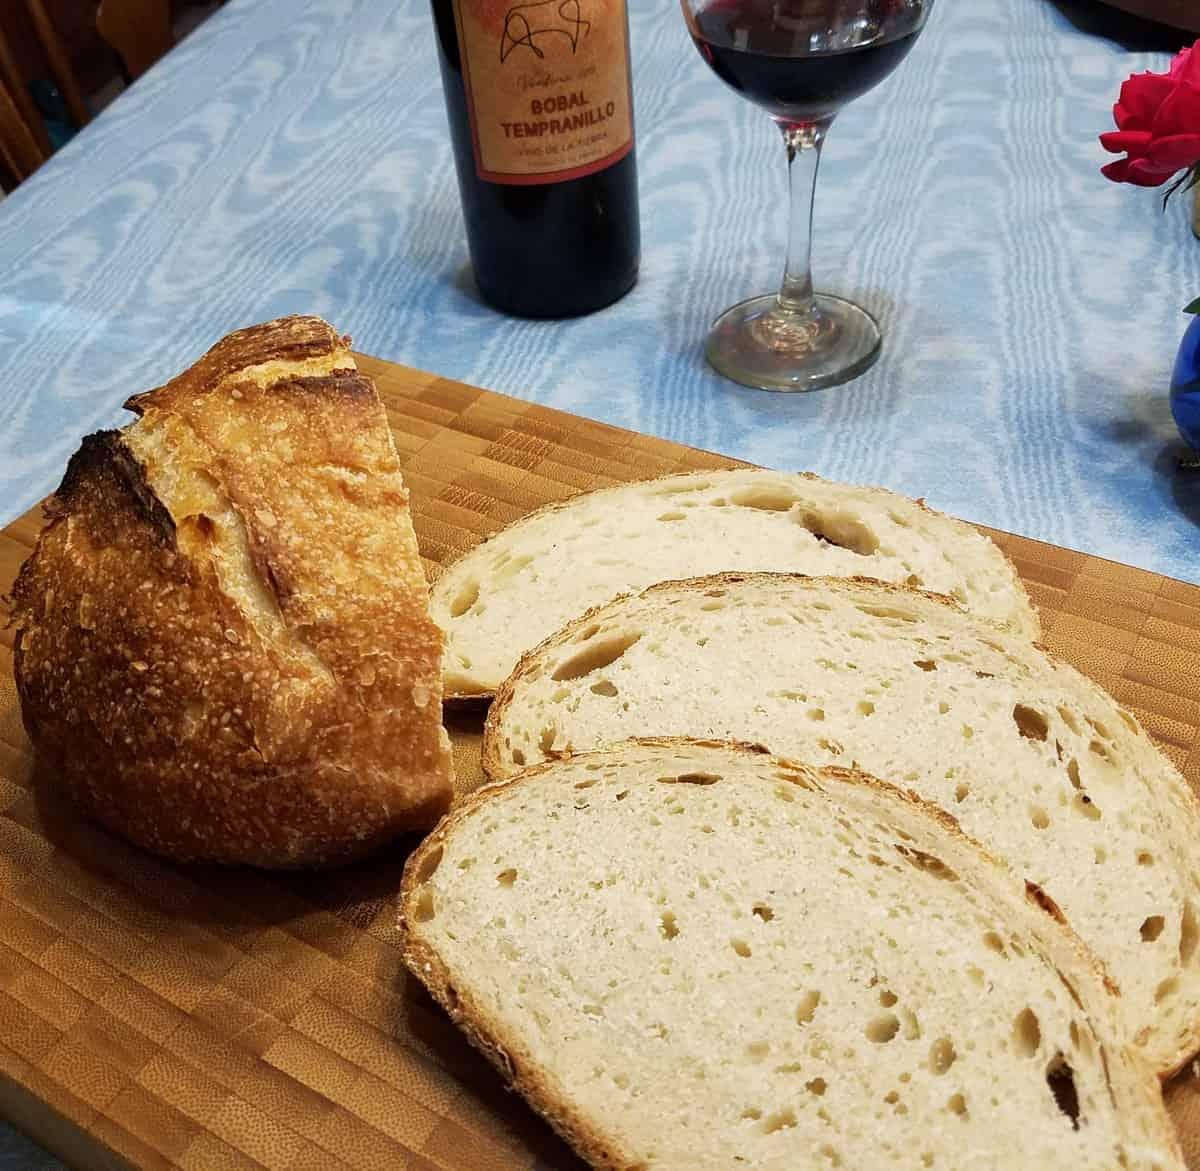 Tangy Sourdough Bread